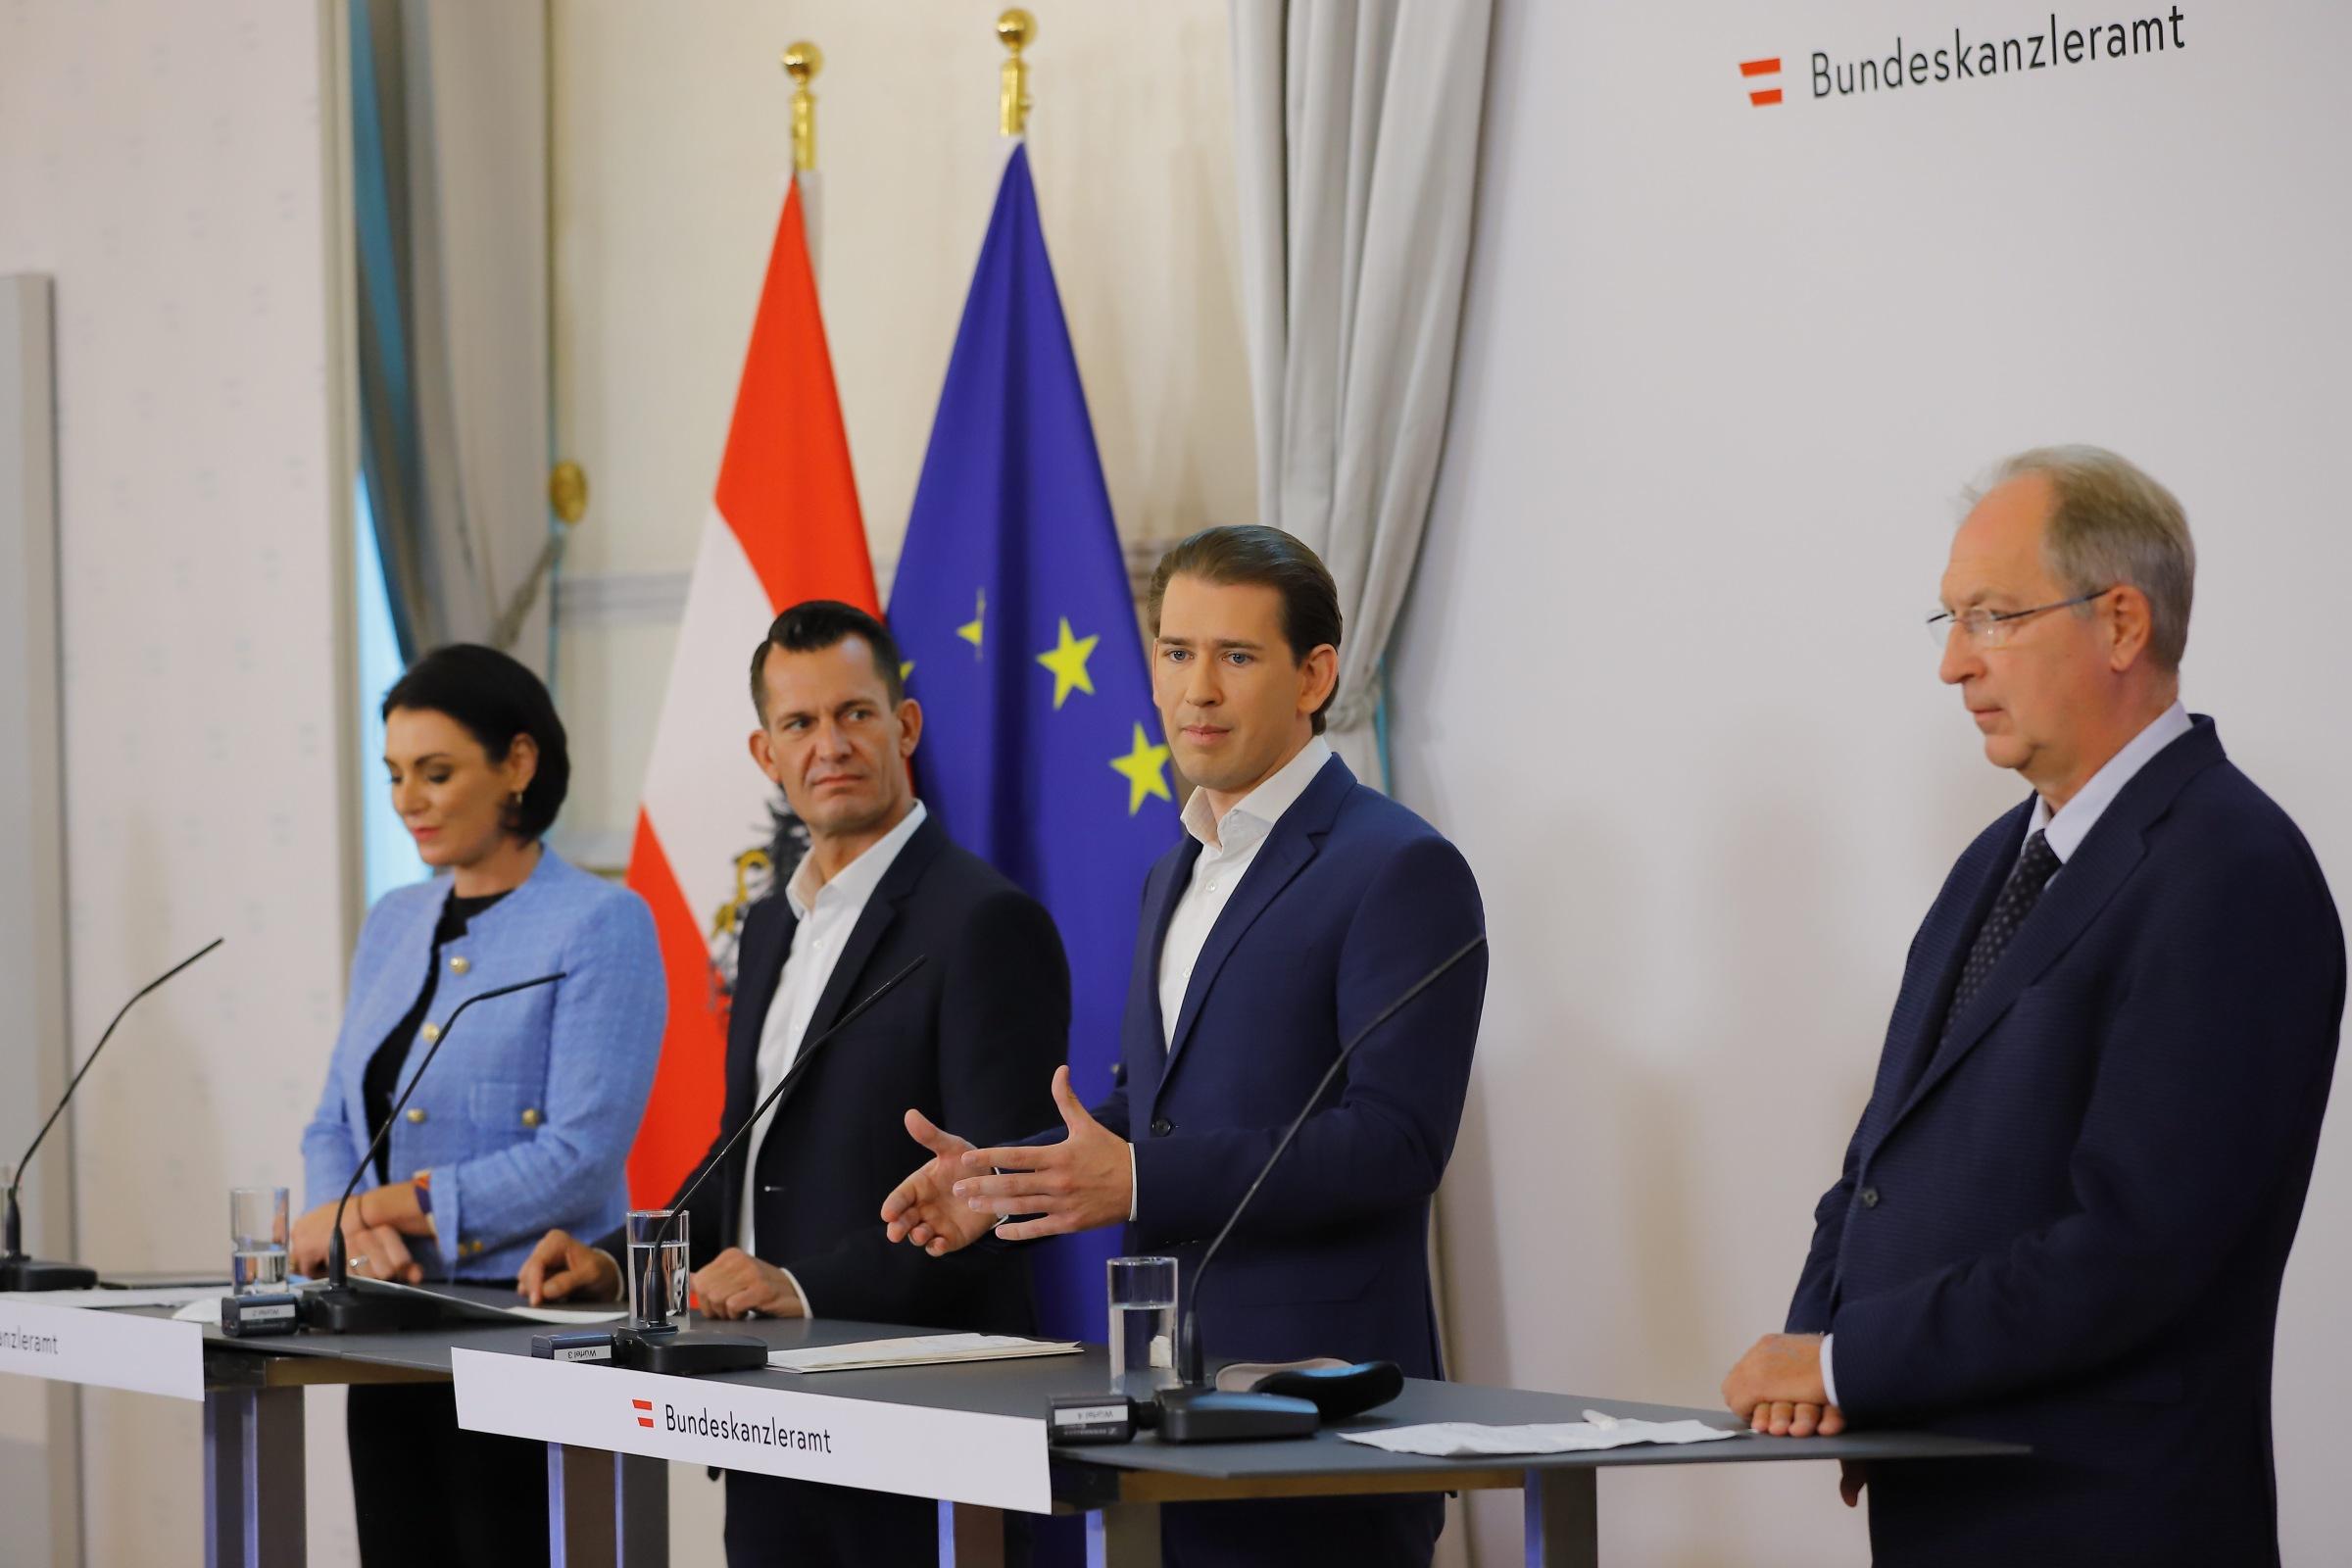 Austrija od 15. rujna uvodi ograničenja za necijepljene. Kurz: Odgovor mora biti cijepljenje, a ne lockdown